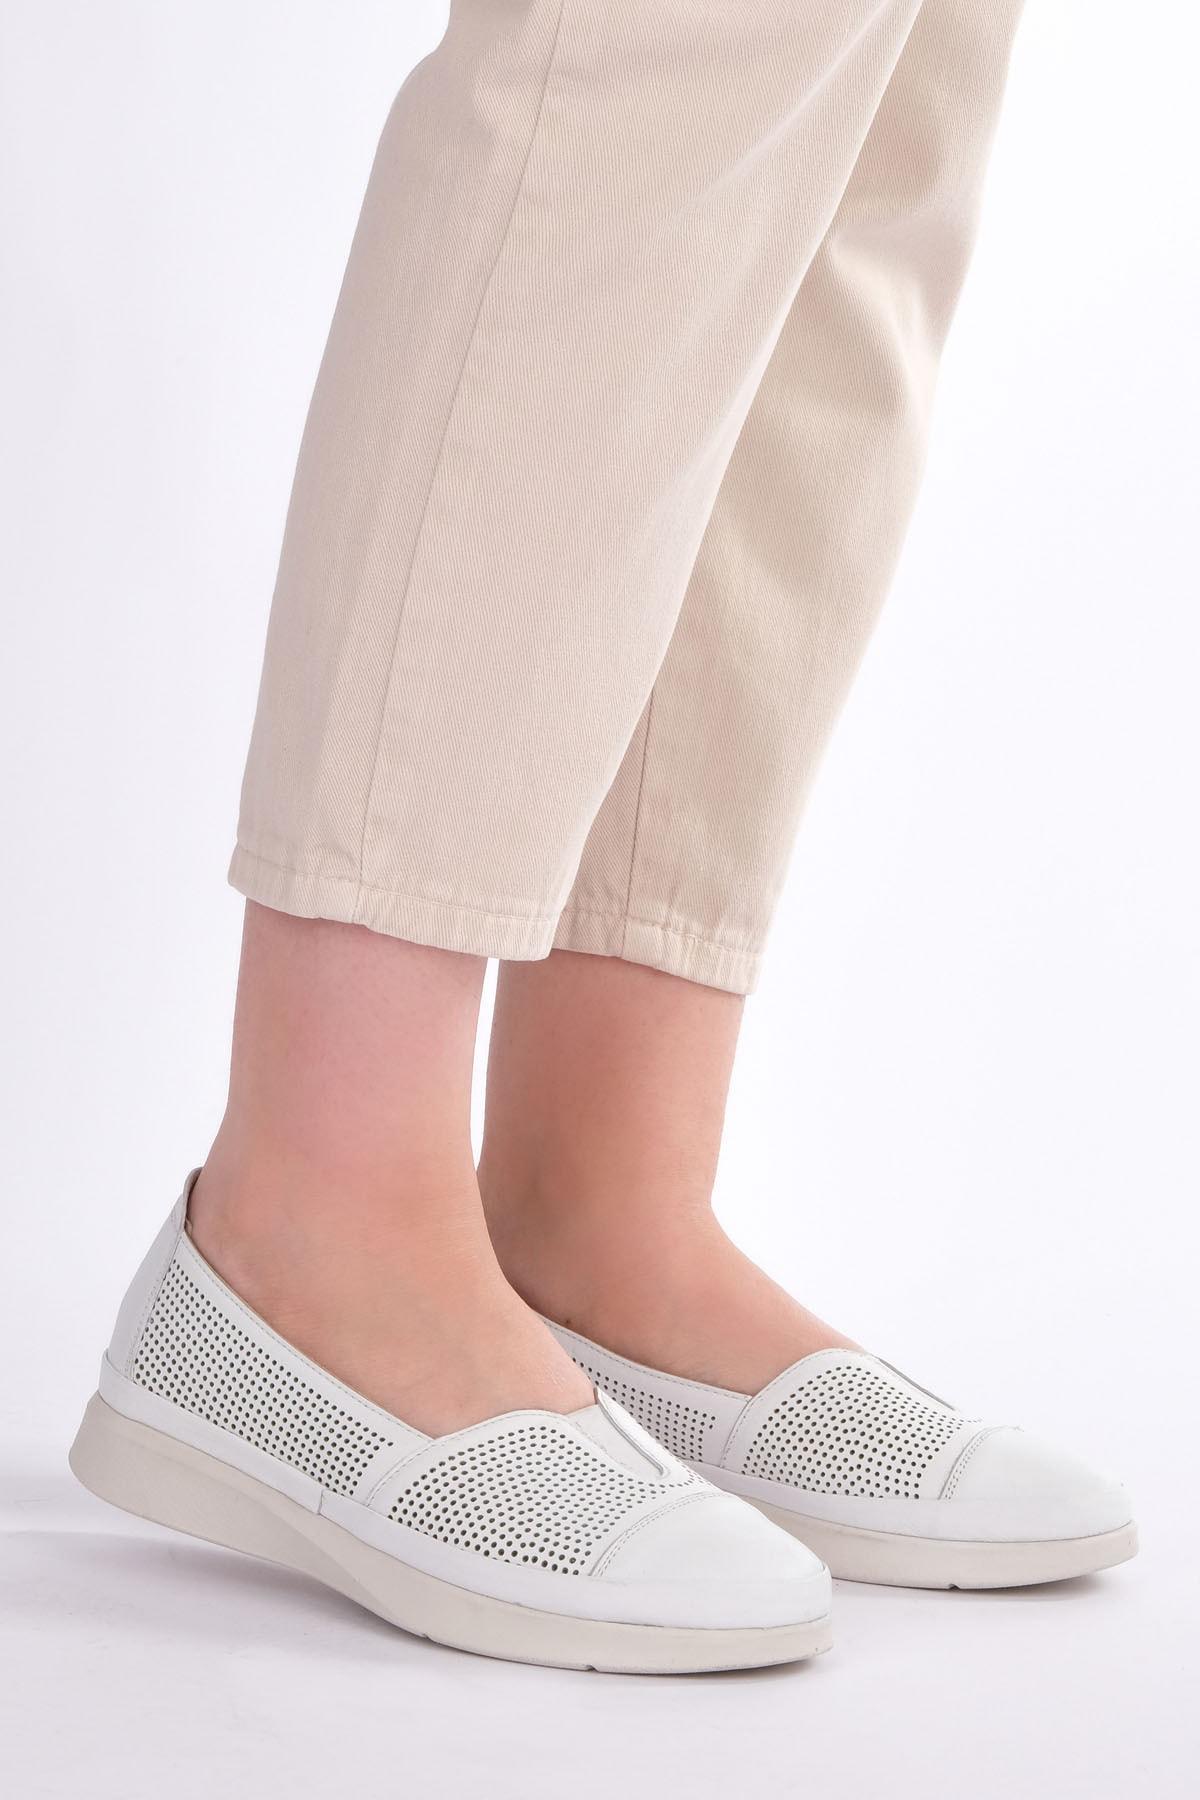 Marjin Kadın Beyaz Hakiki Deri Comfort Ayakkabı Vona 4